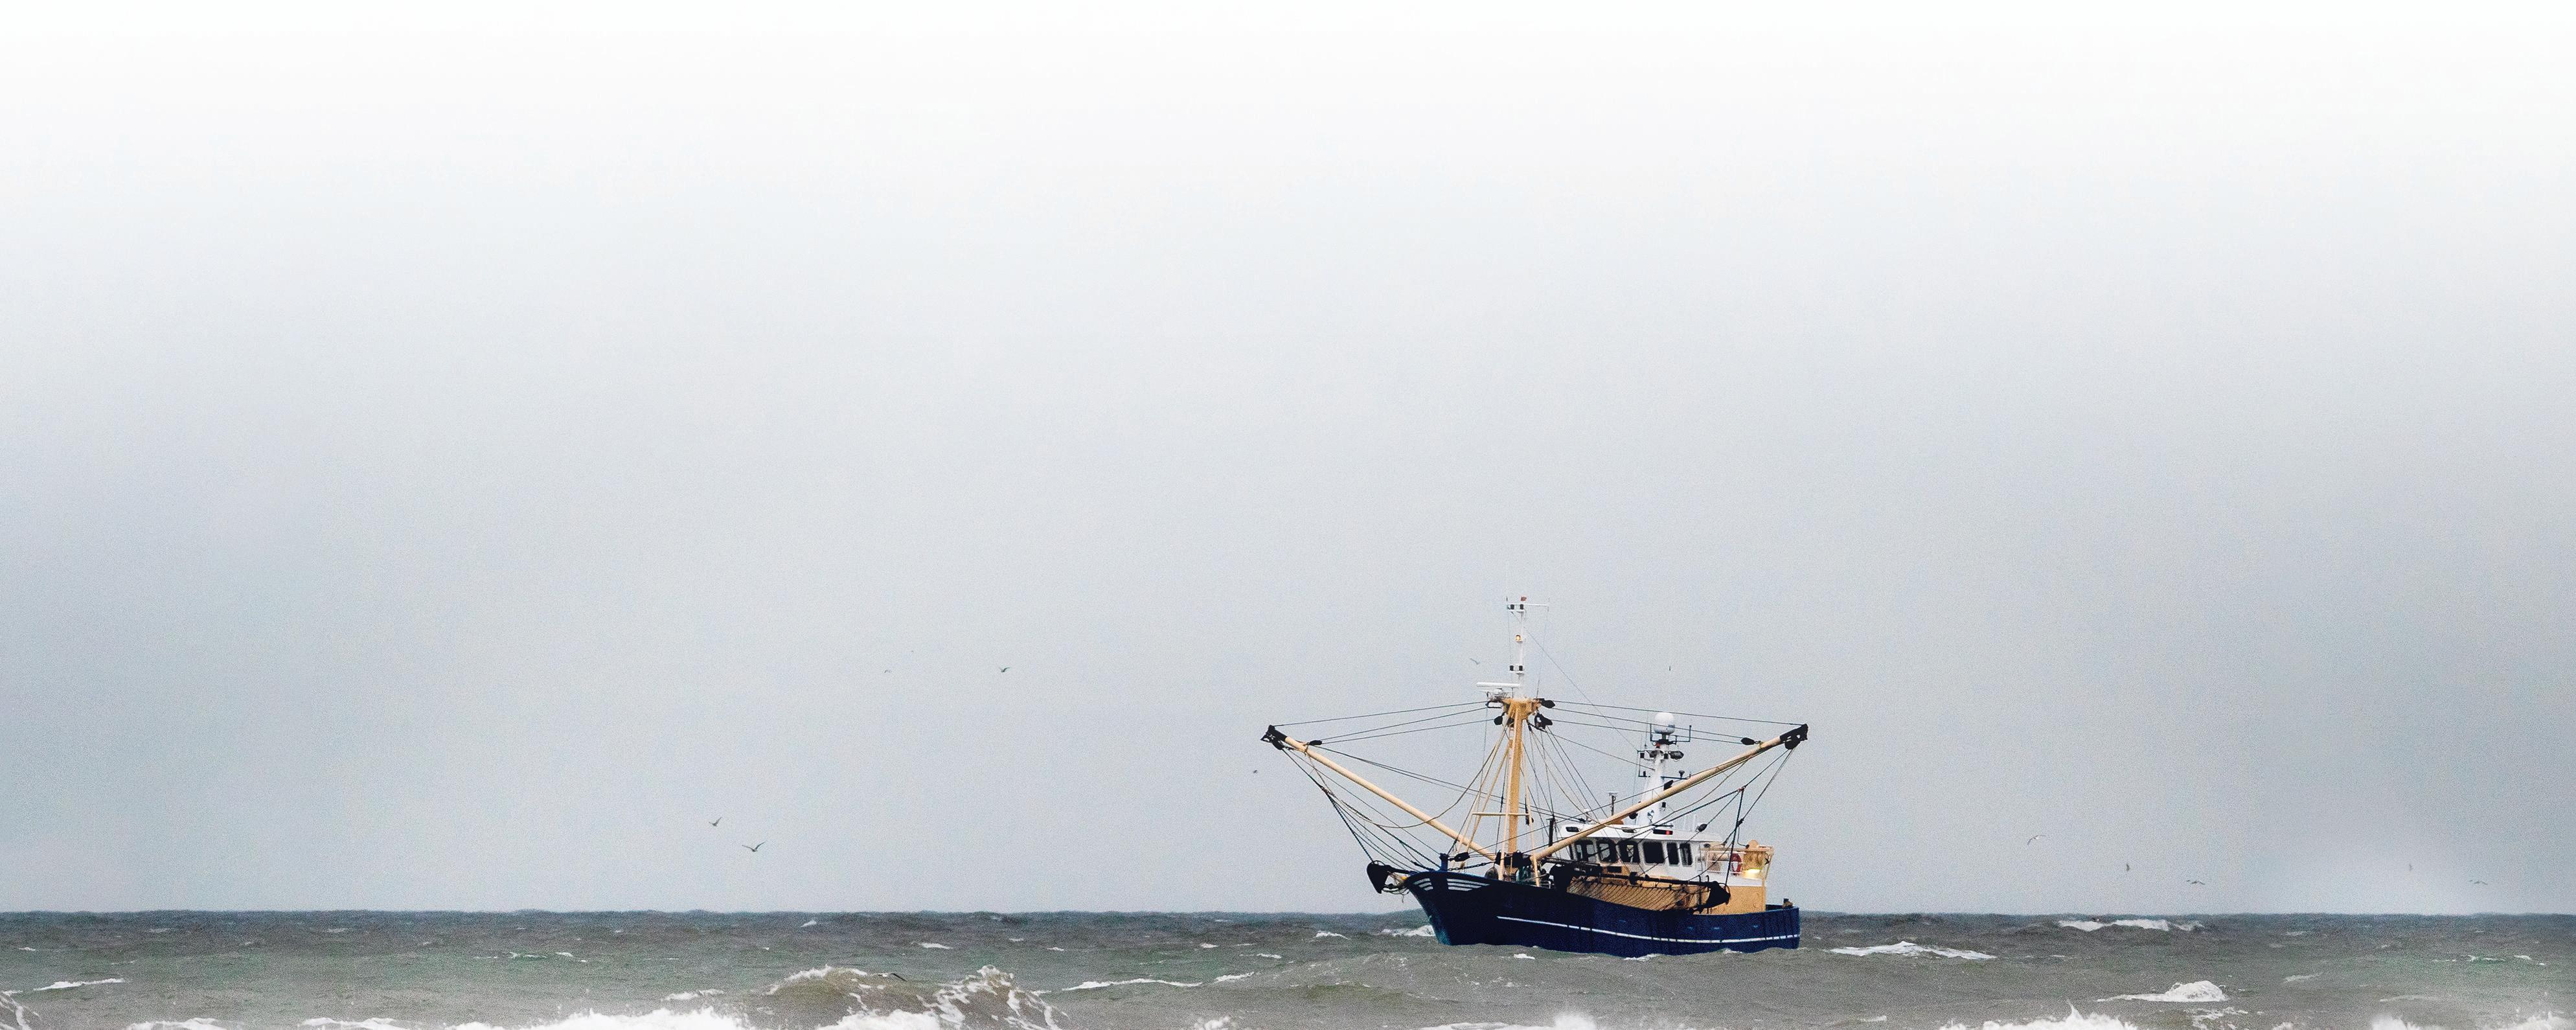 'Bezorgd om de zee, dat zijn vissers ook' | opinie